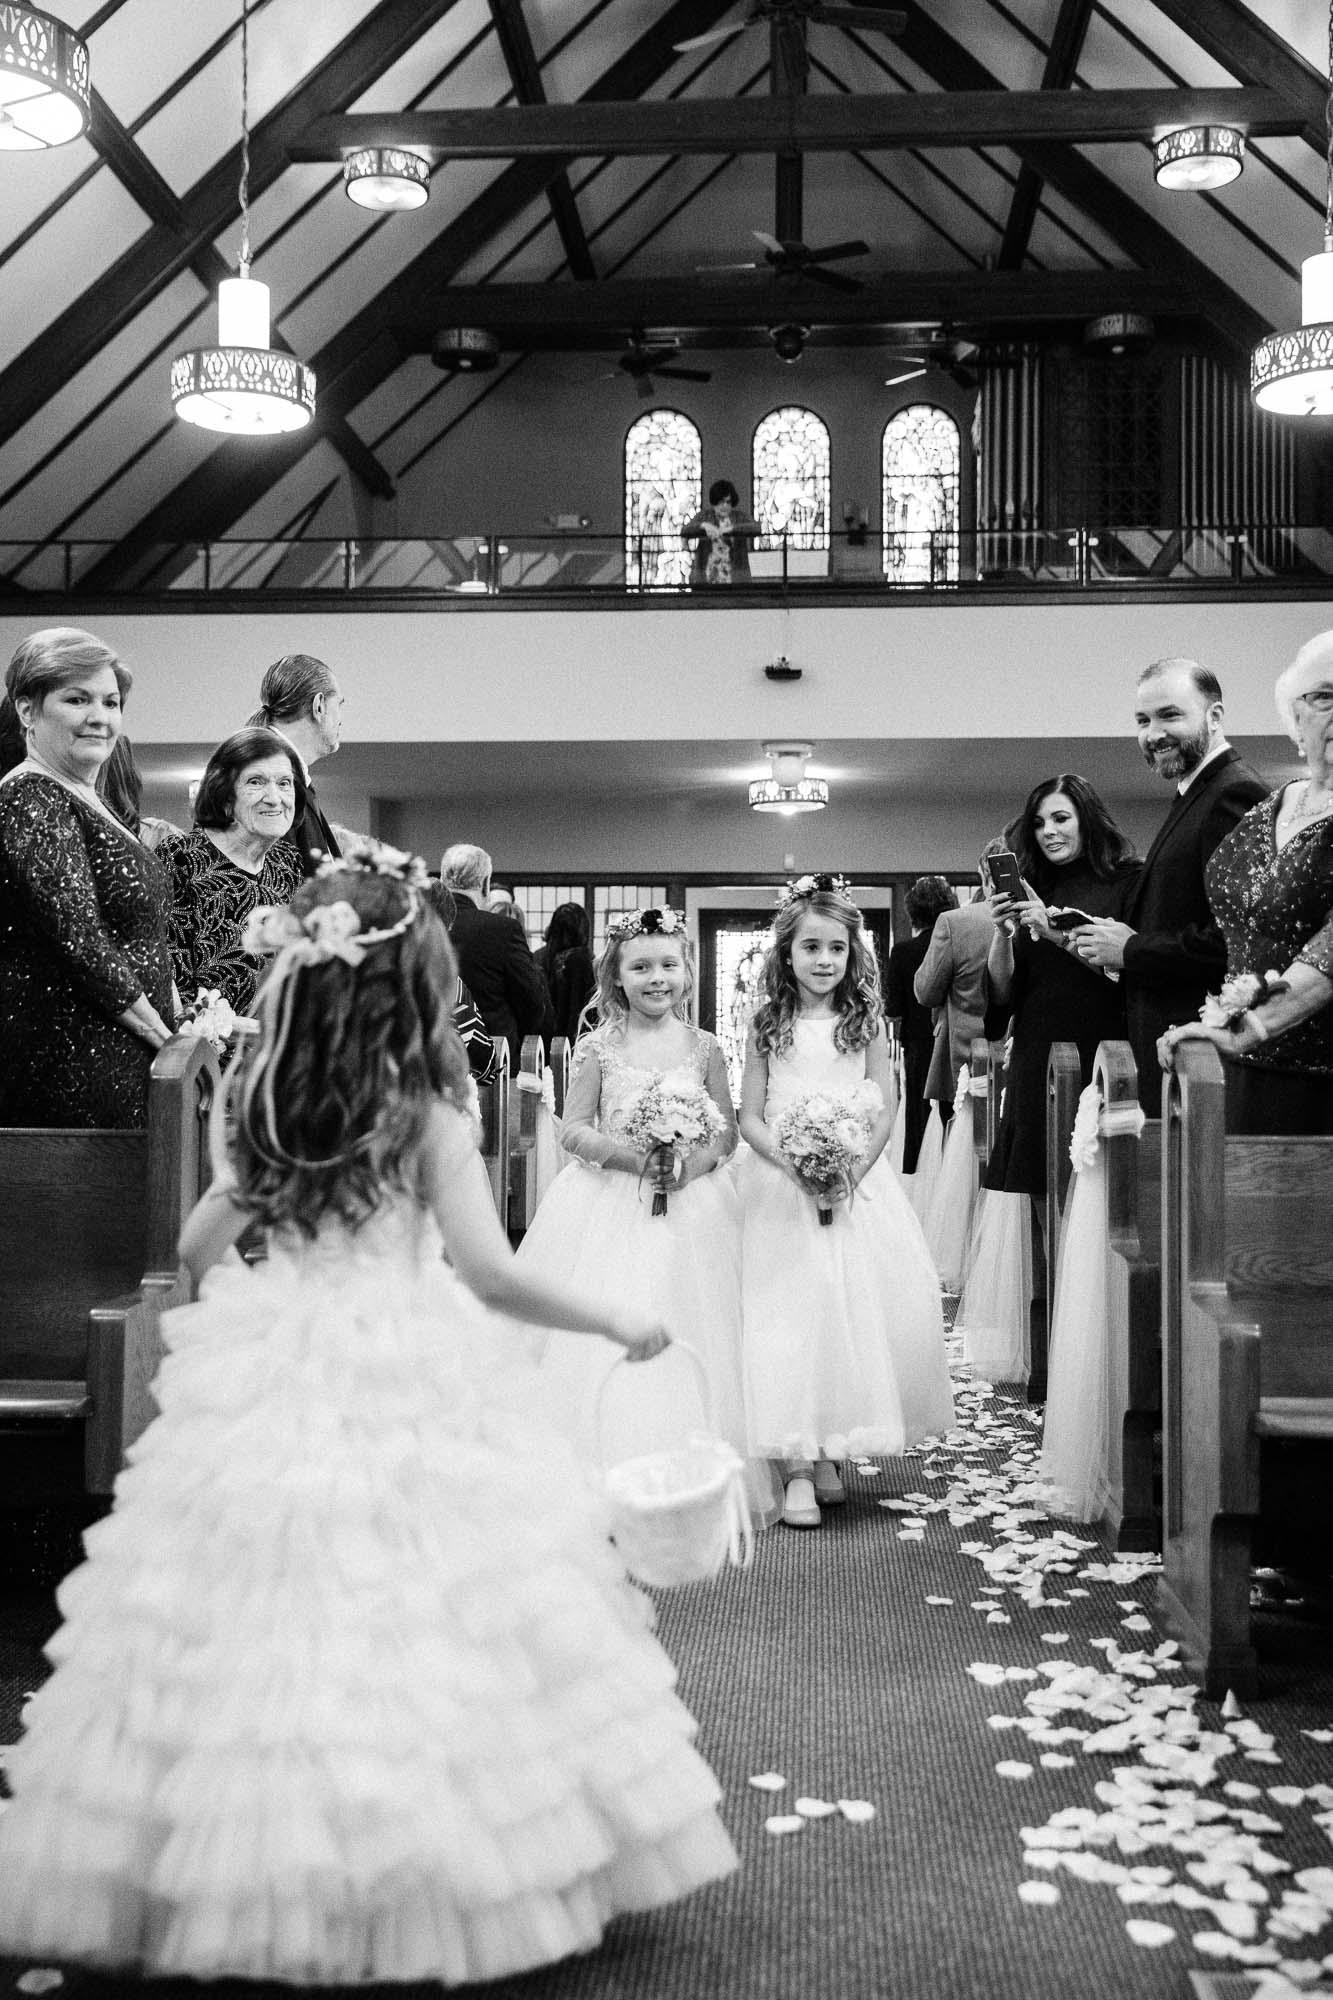 whitewoods-october-wedding-sk-3416.jpg